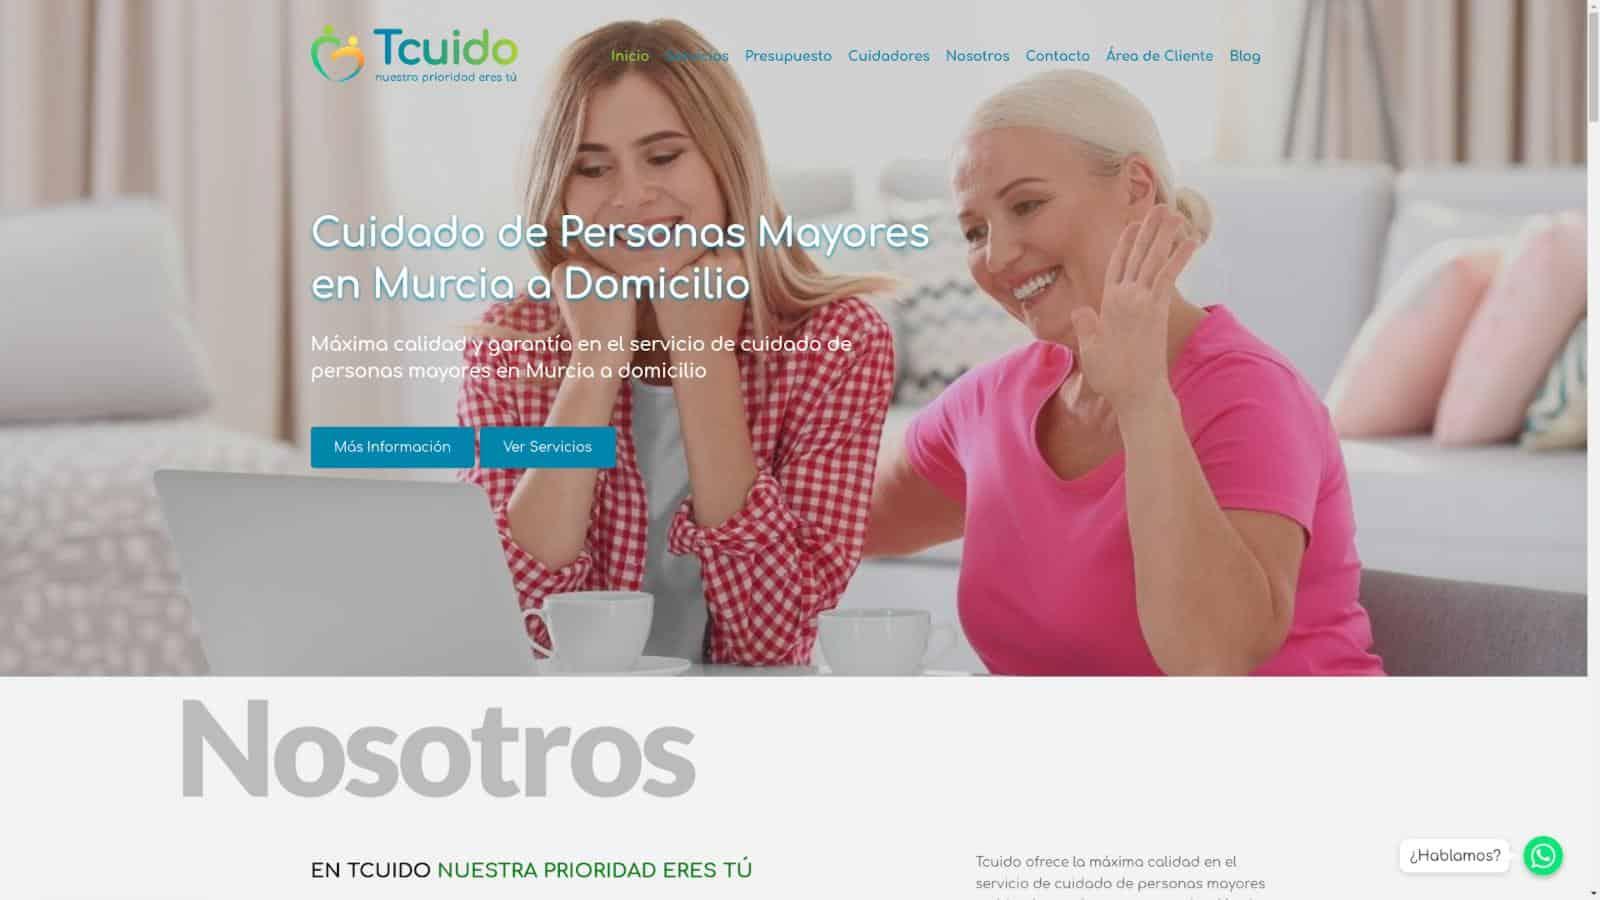 Tcuido.net